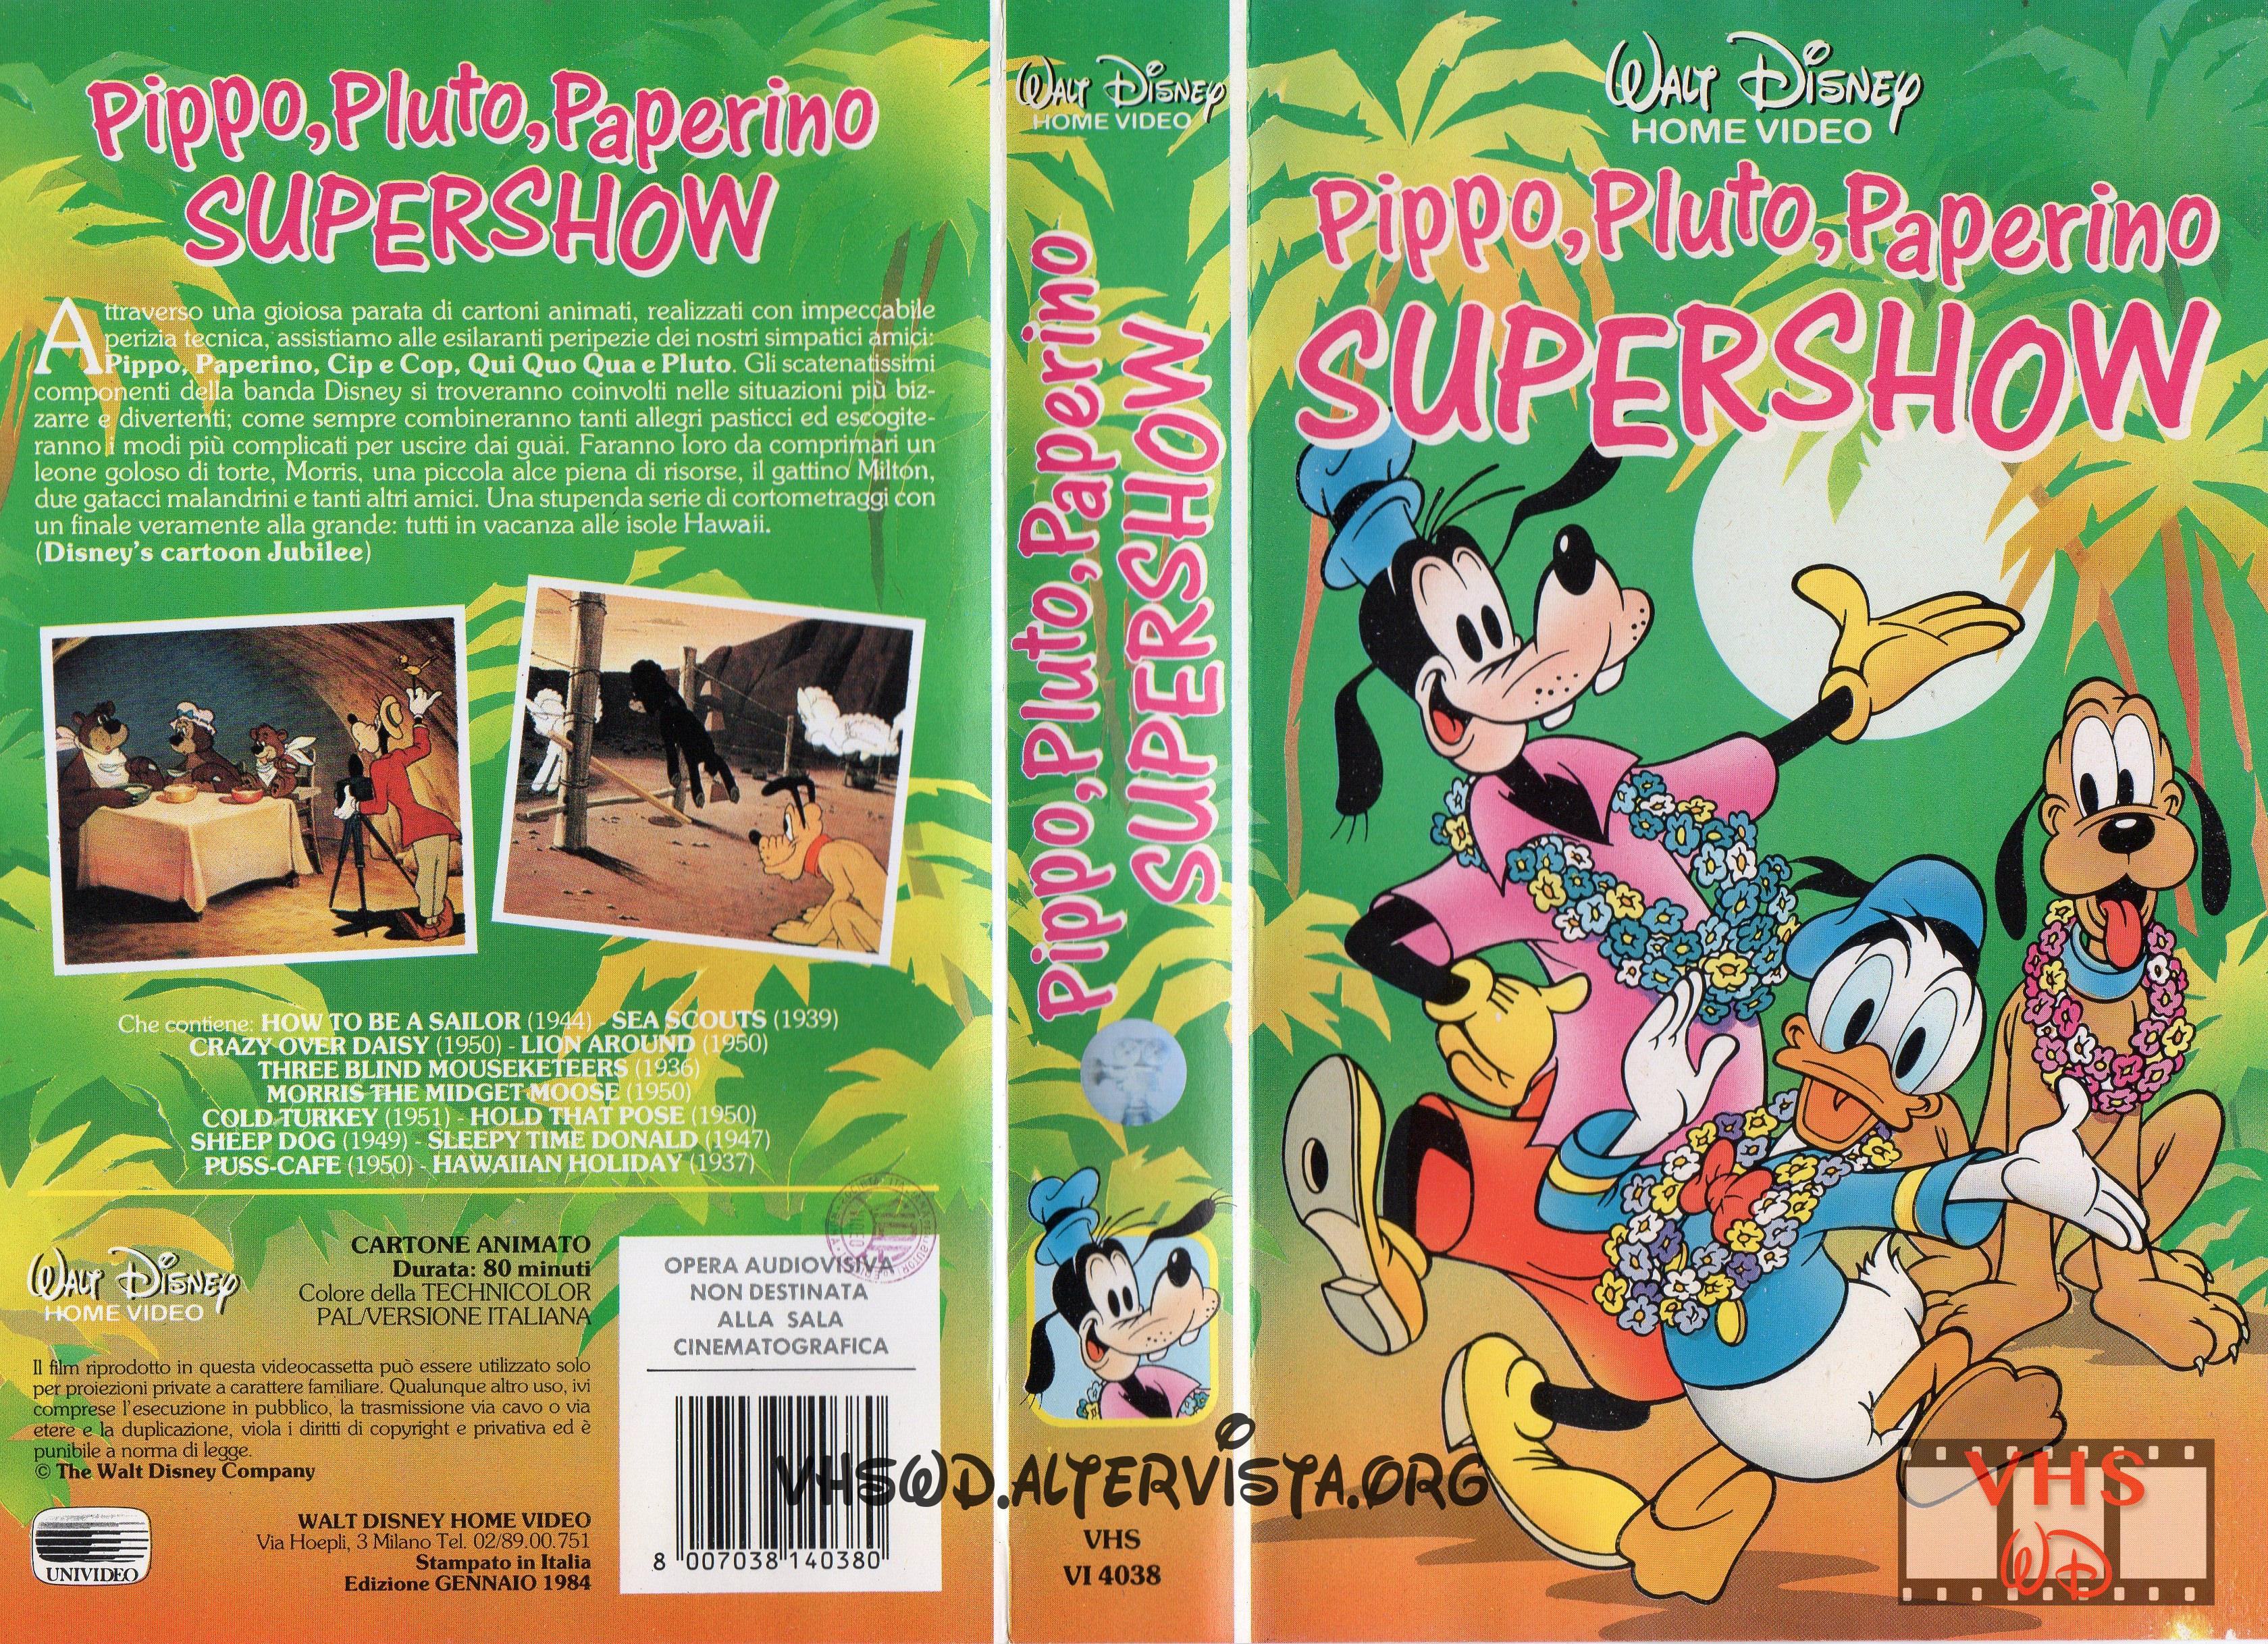 PIPPO, PLUTO, PAPERINO SUPERSHOW (SECONDA RIEDIZIONE) (VHS)